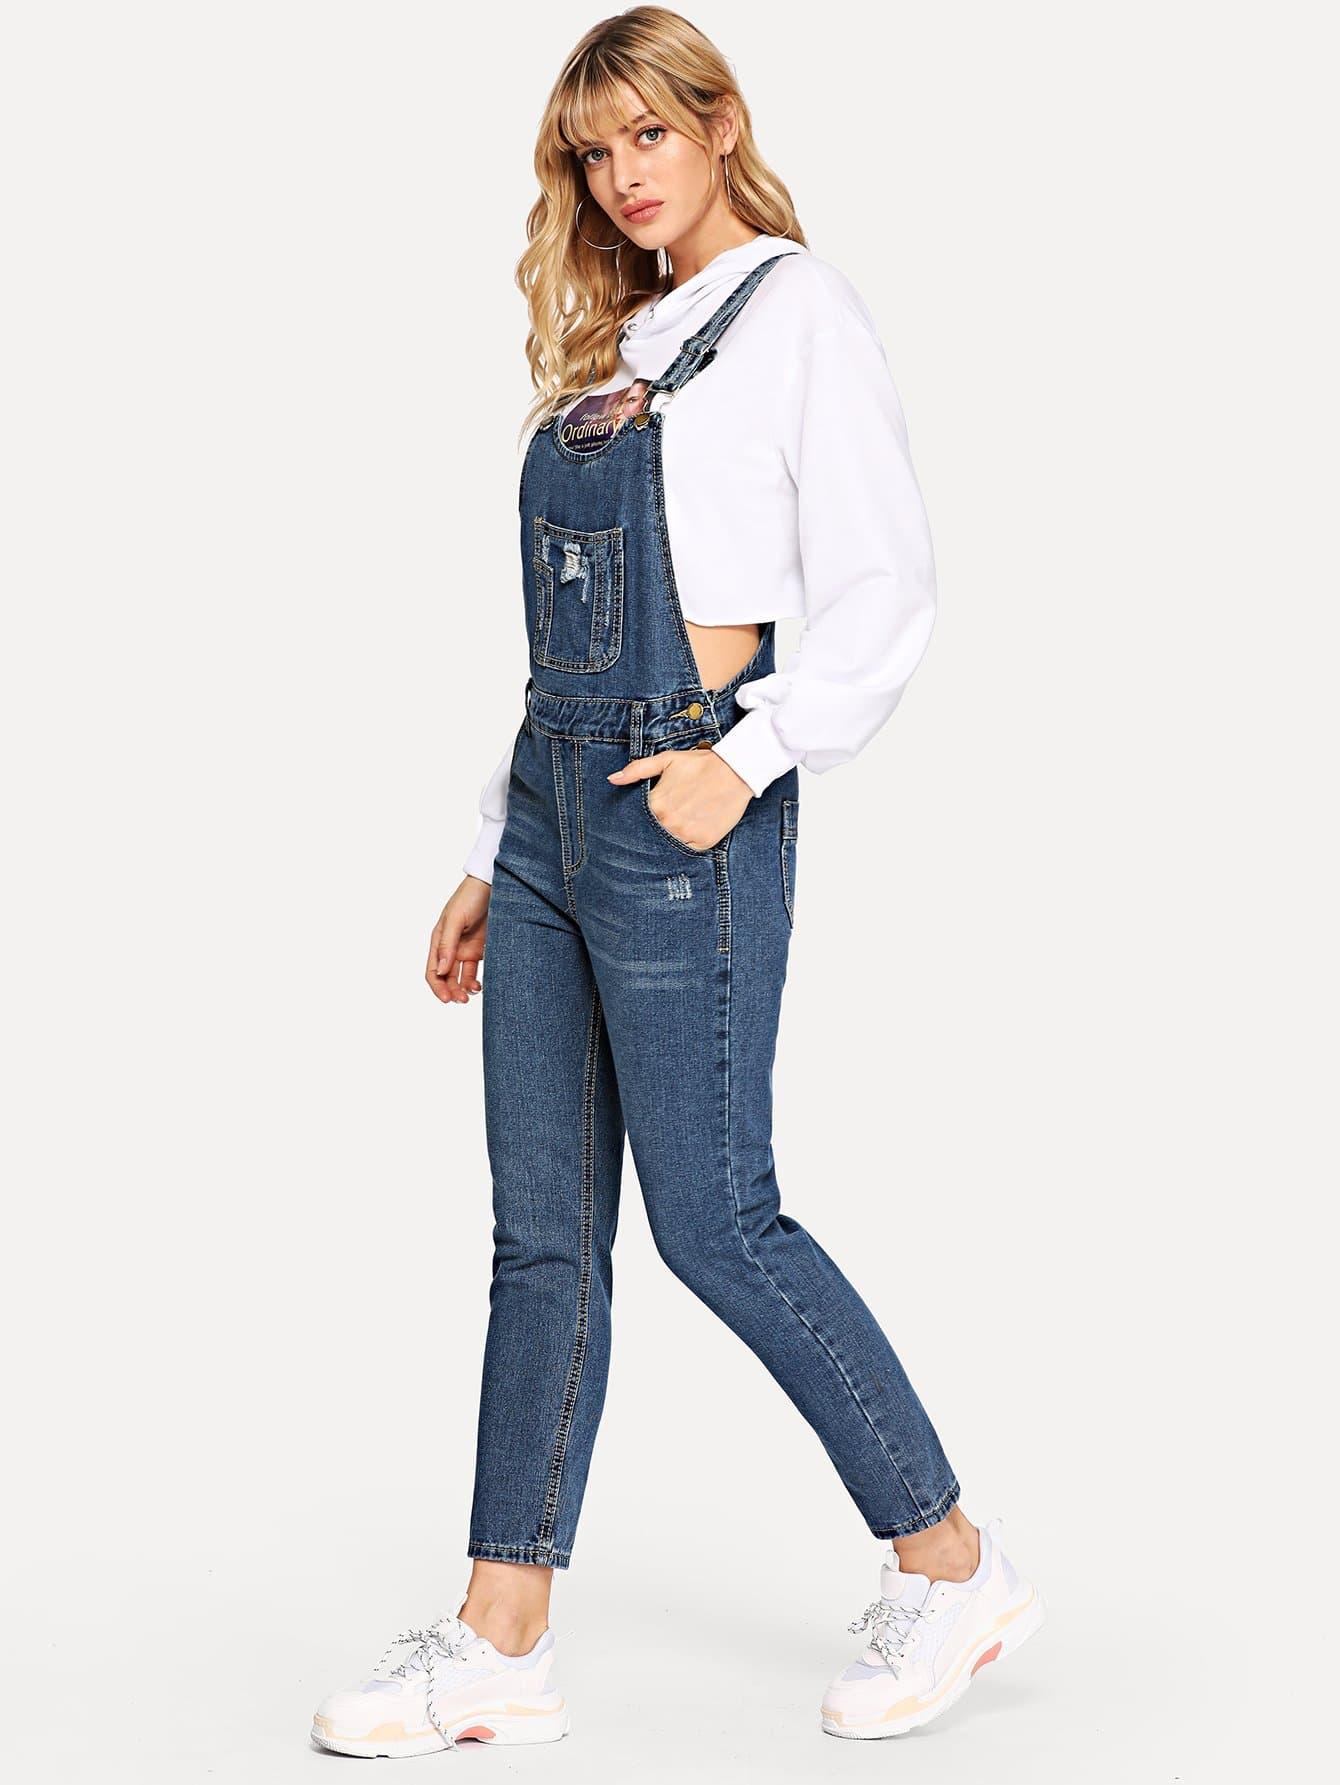 Купить Рваный джинсовый комбинезон с отделкой, Masha, SheIn